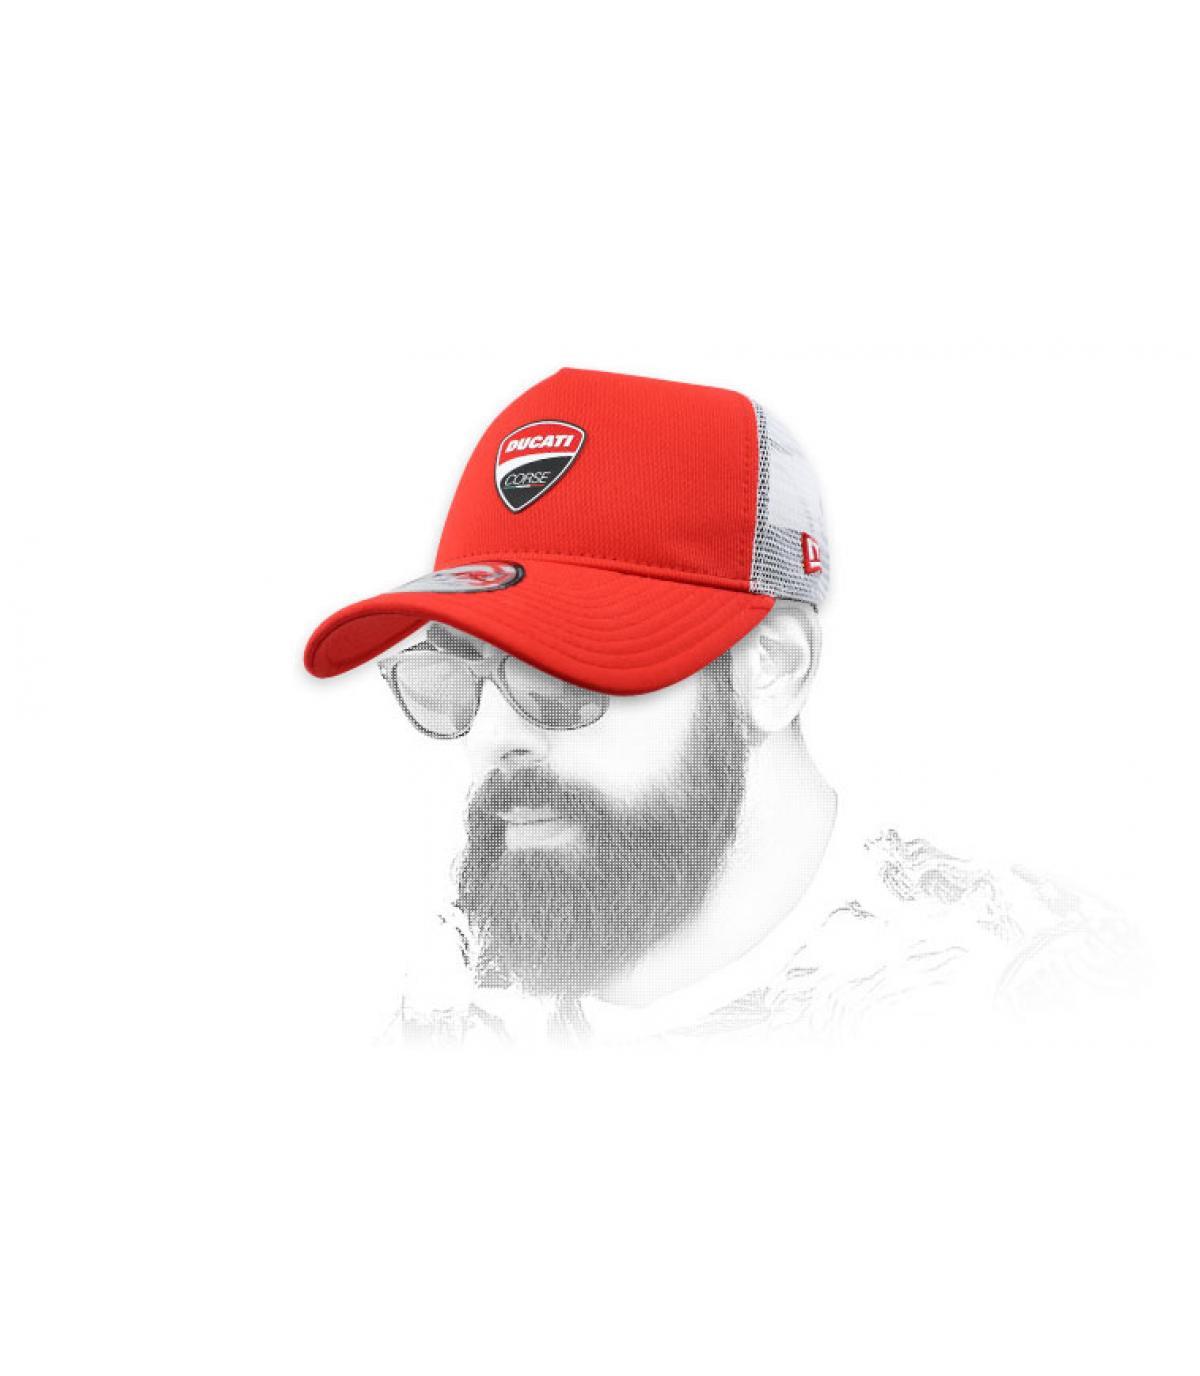 red Ducati trucker